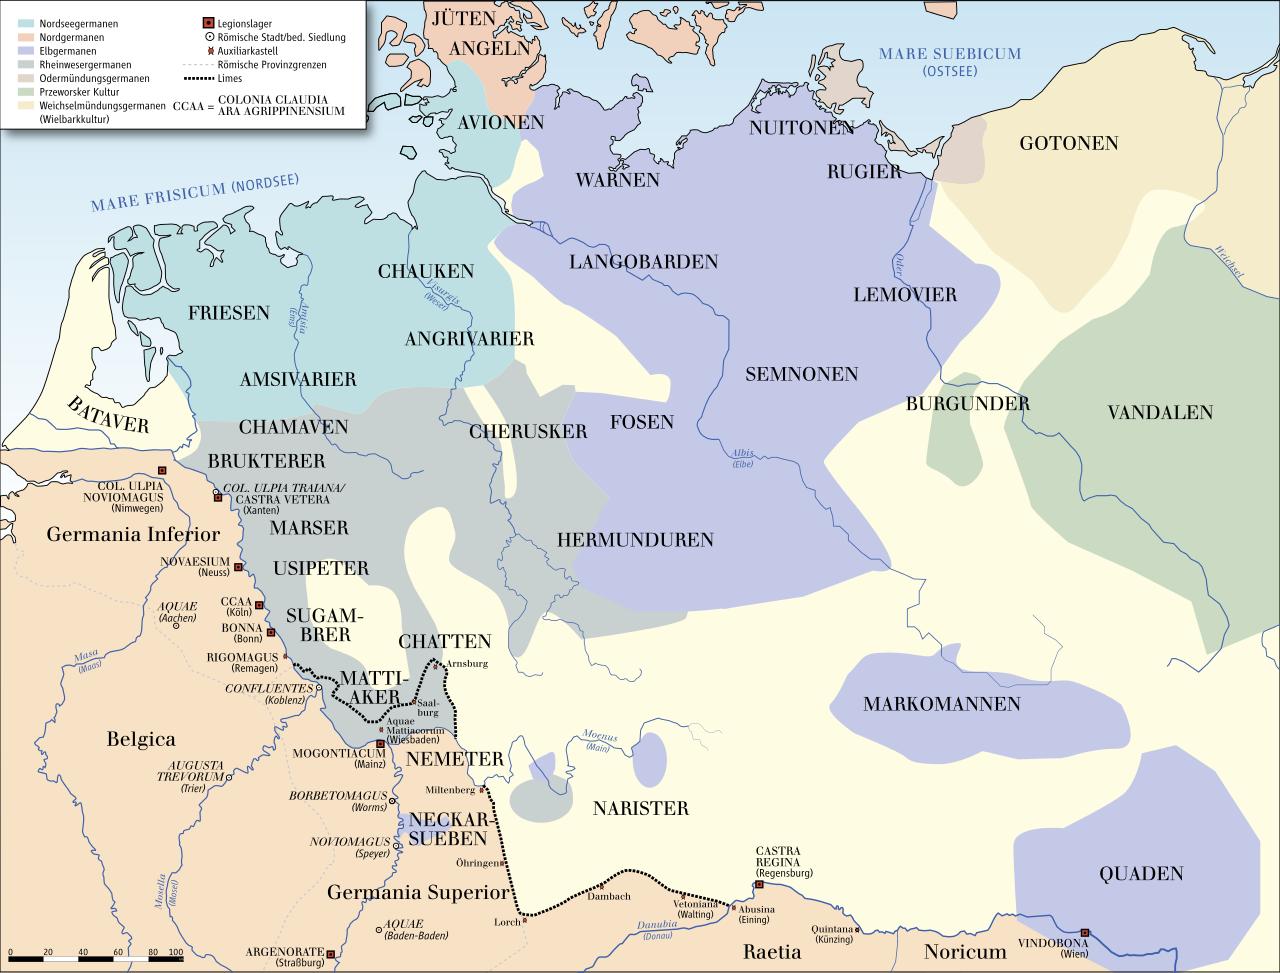 Germanische Stämme Karte.Karte Der Germanischen Stämme Um 50 N Chr Ohne Skandinavien